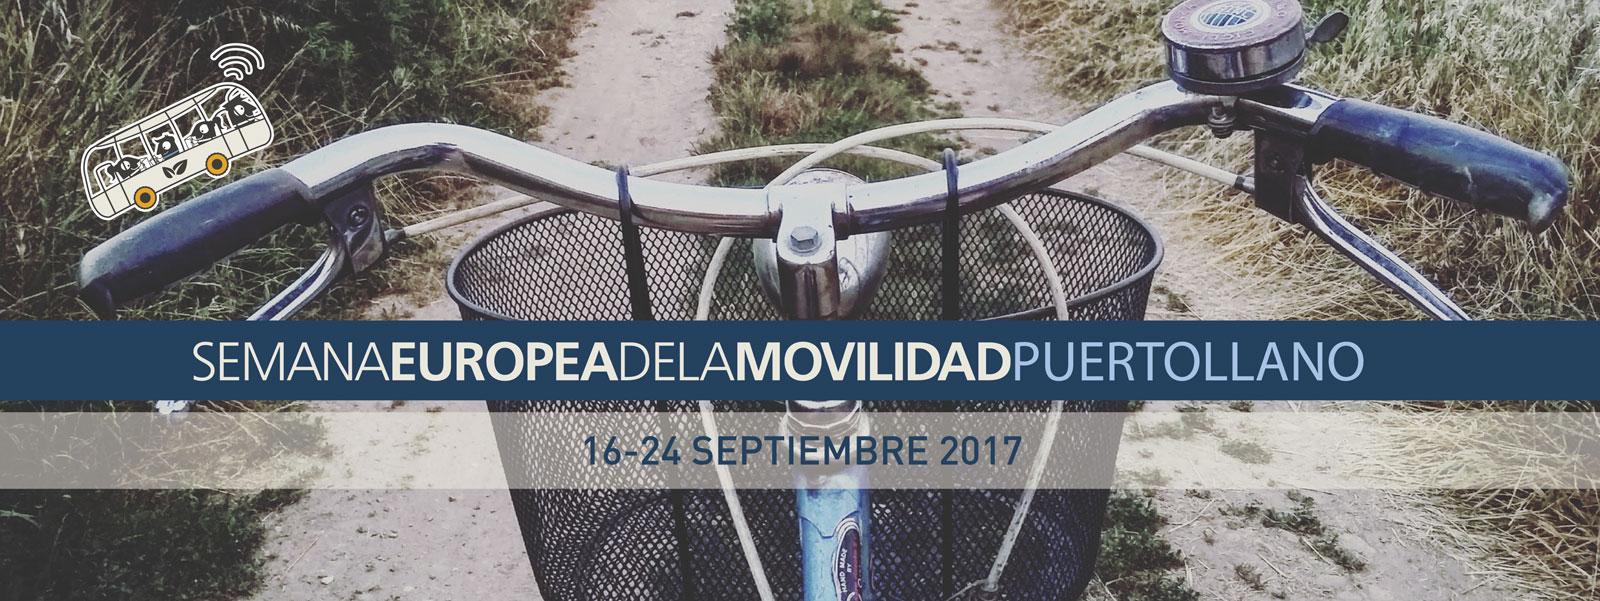 manillar frontal Semana Europea de la Movilidad 2017